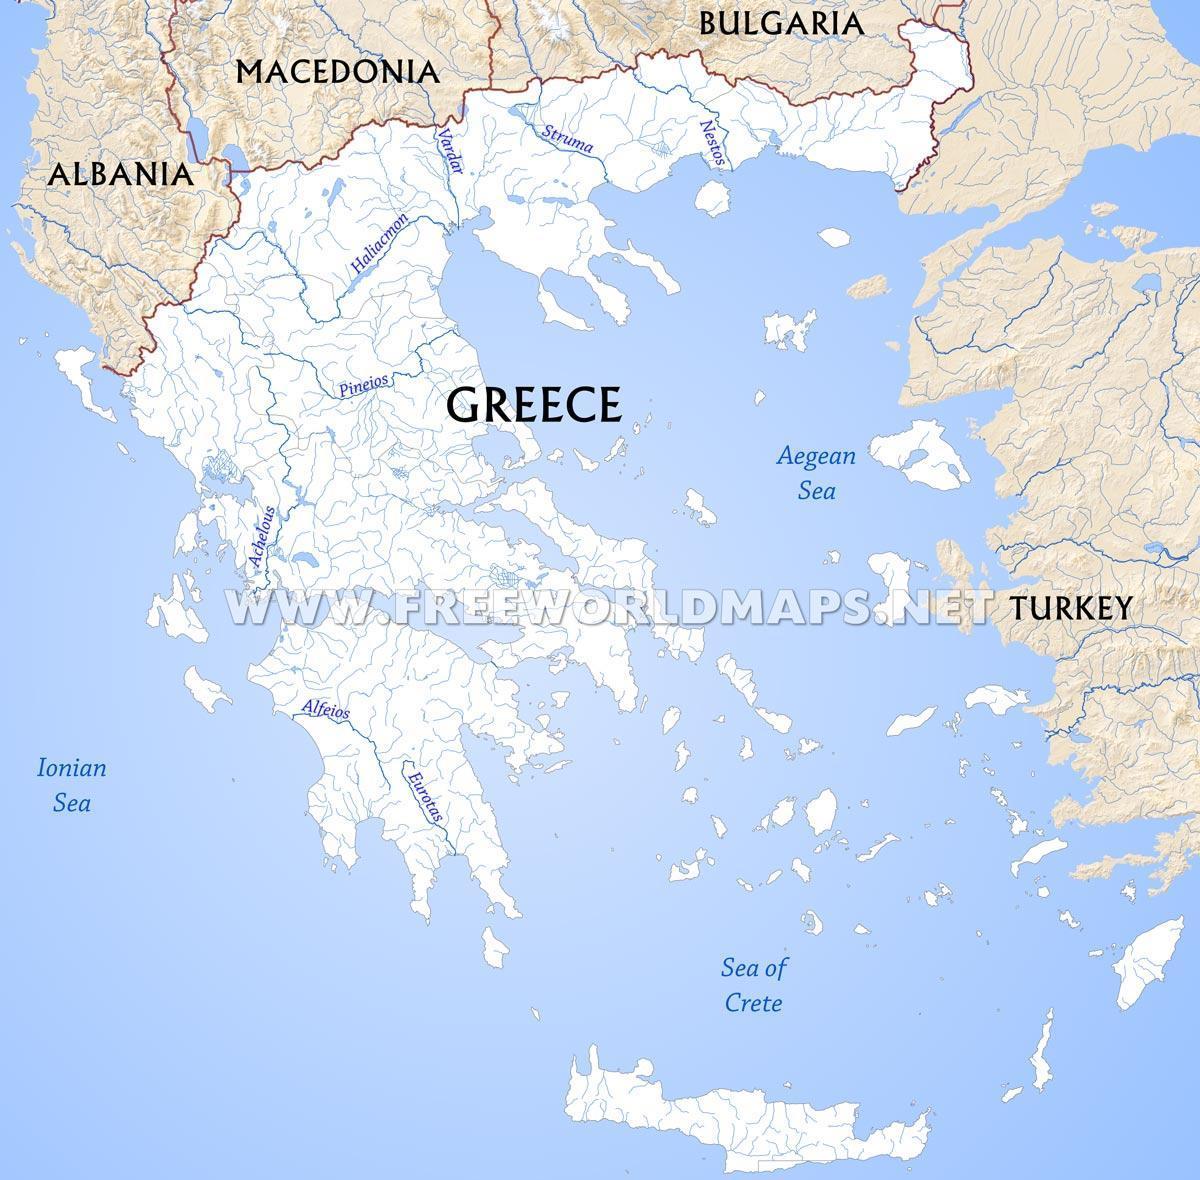 Reki Grecii Karta Reki Grecii Karta Yuzhnaya Evropa Evropa